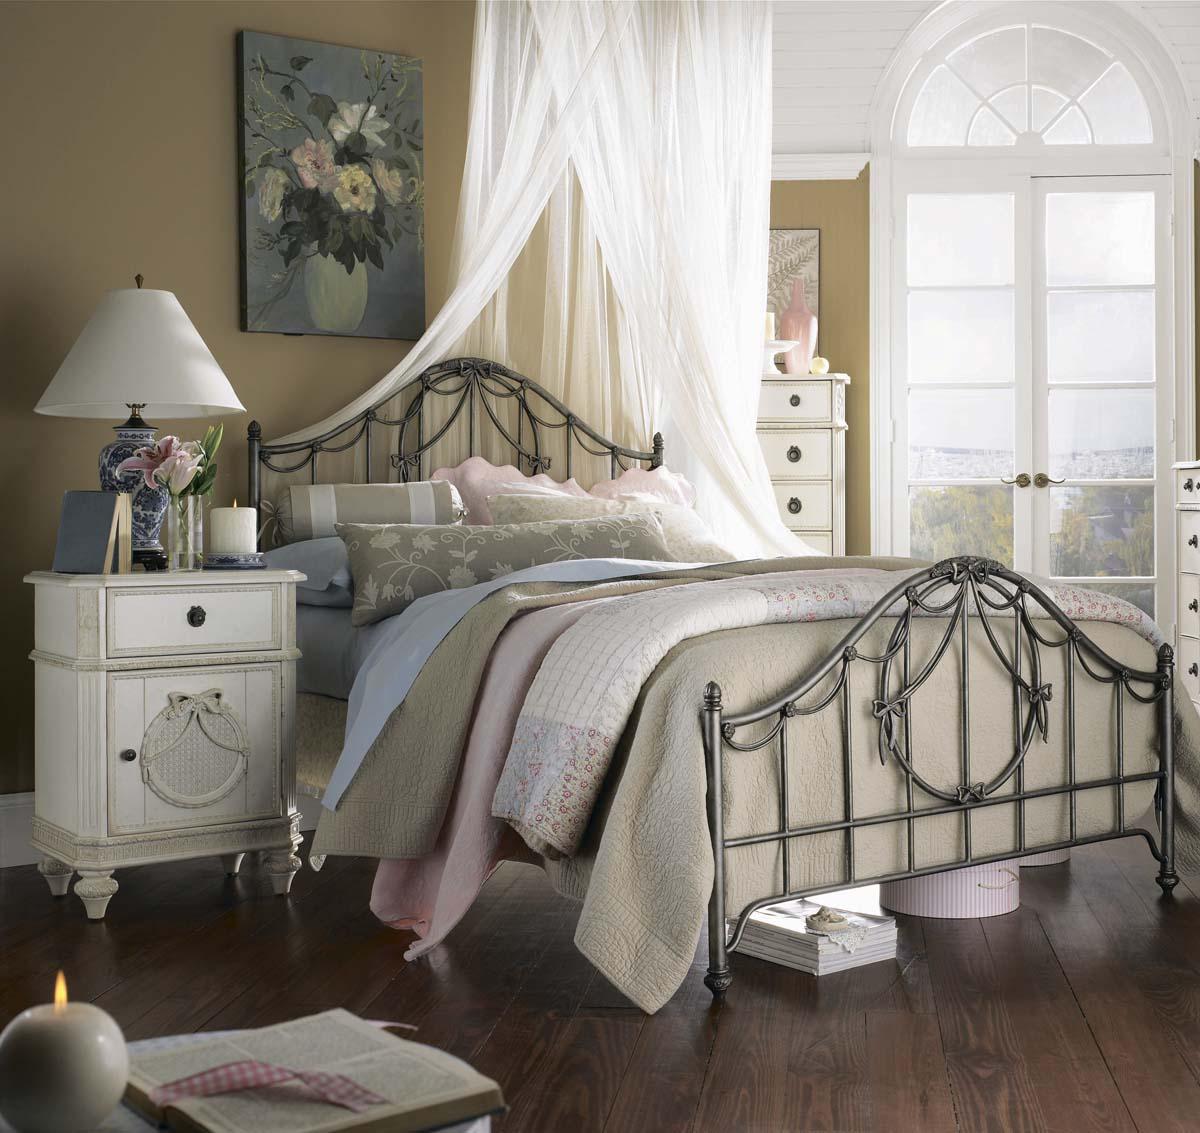 Железная кровать в интерьере